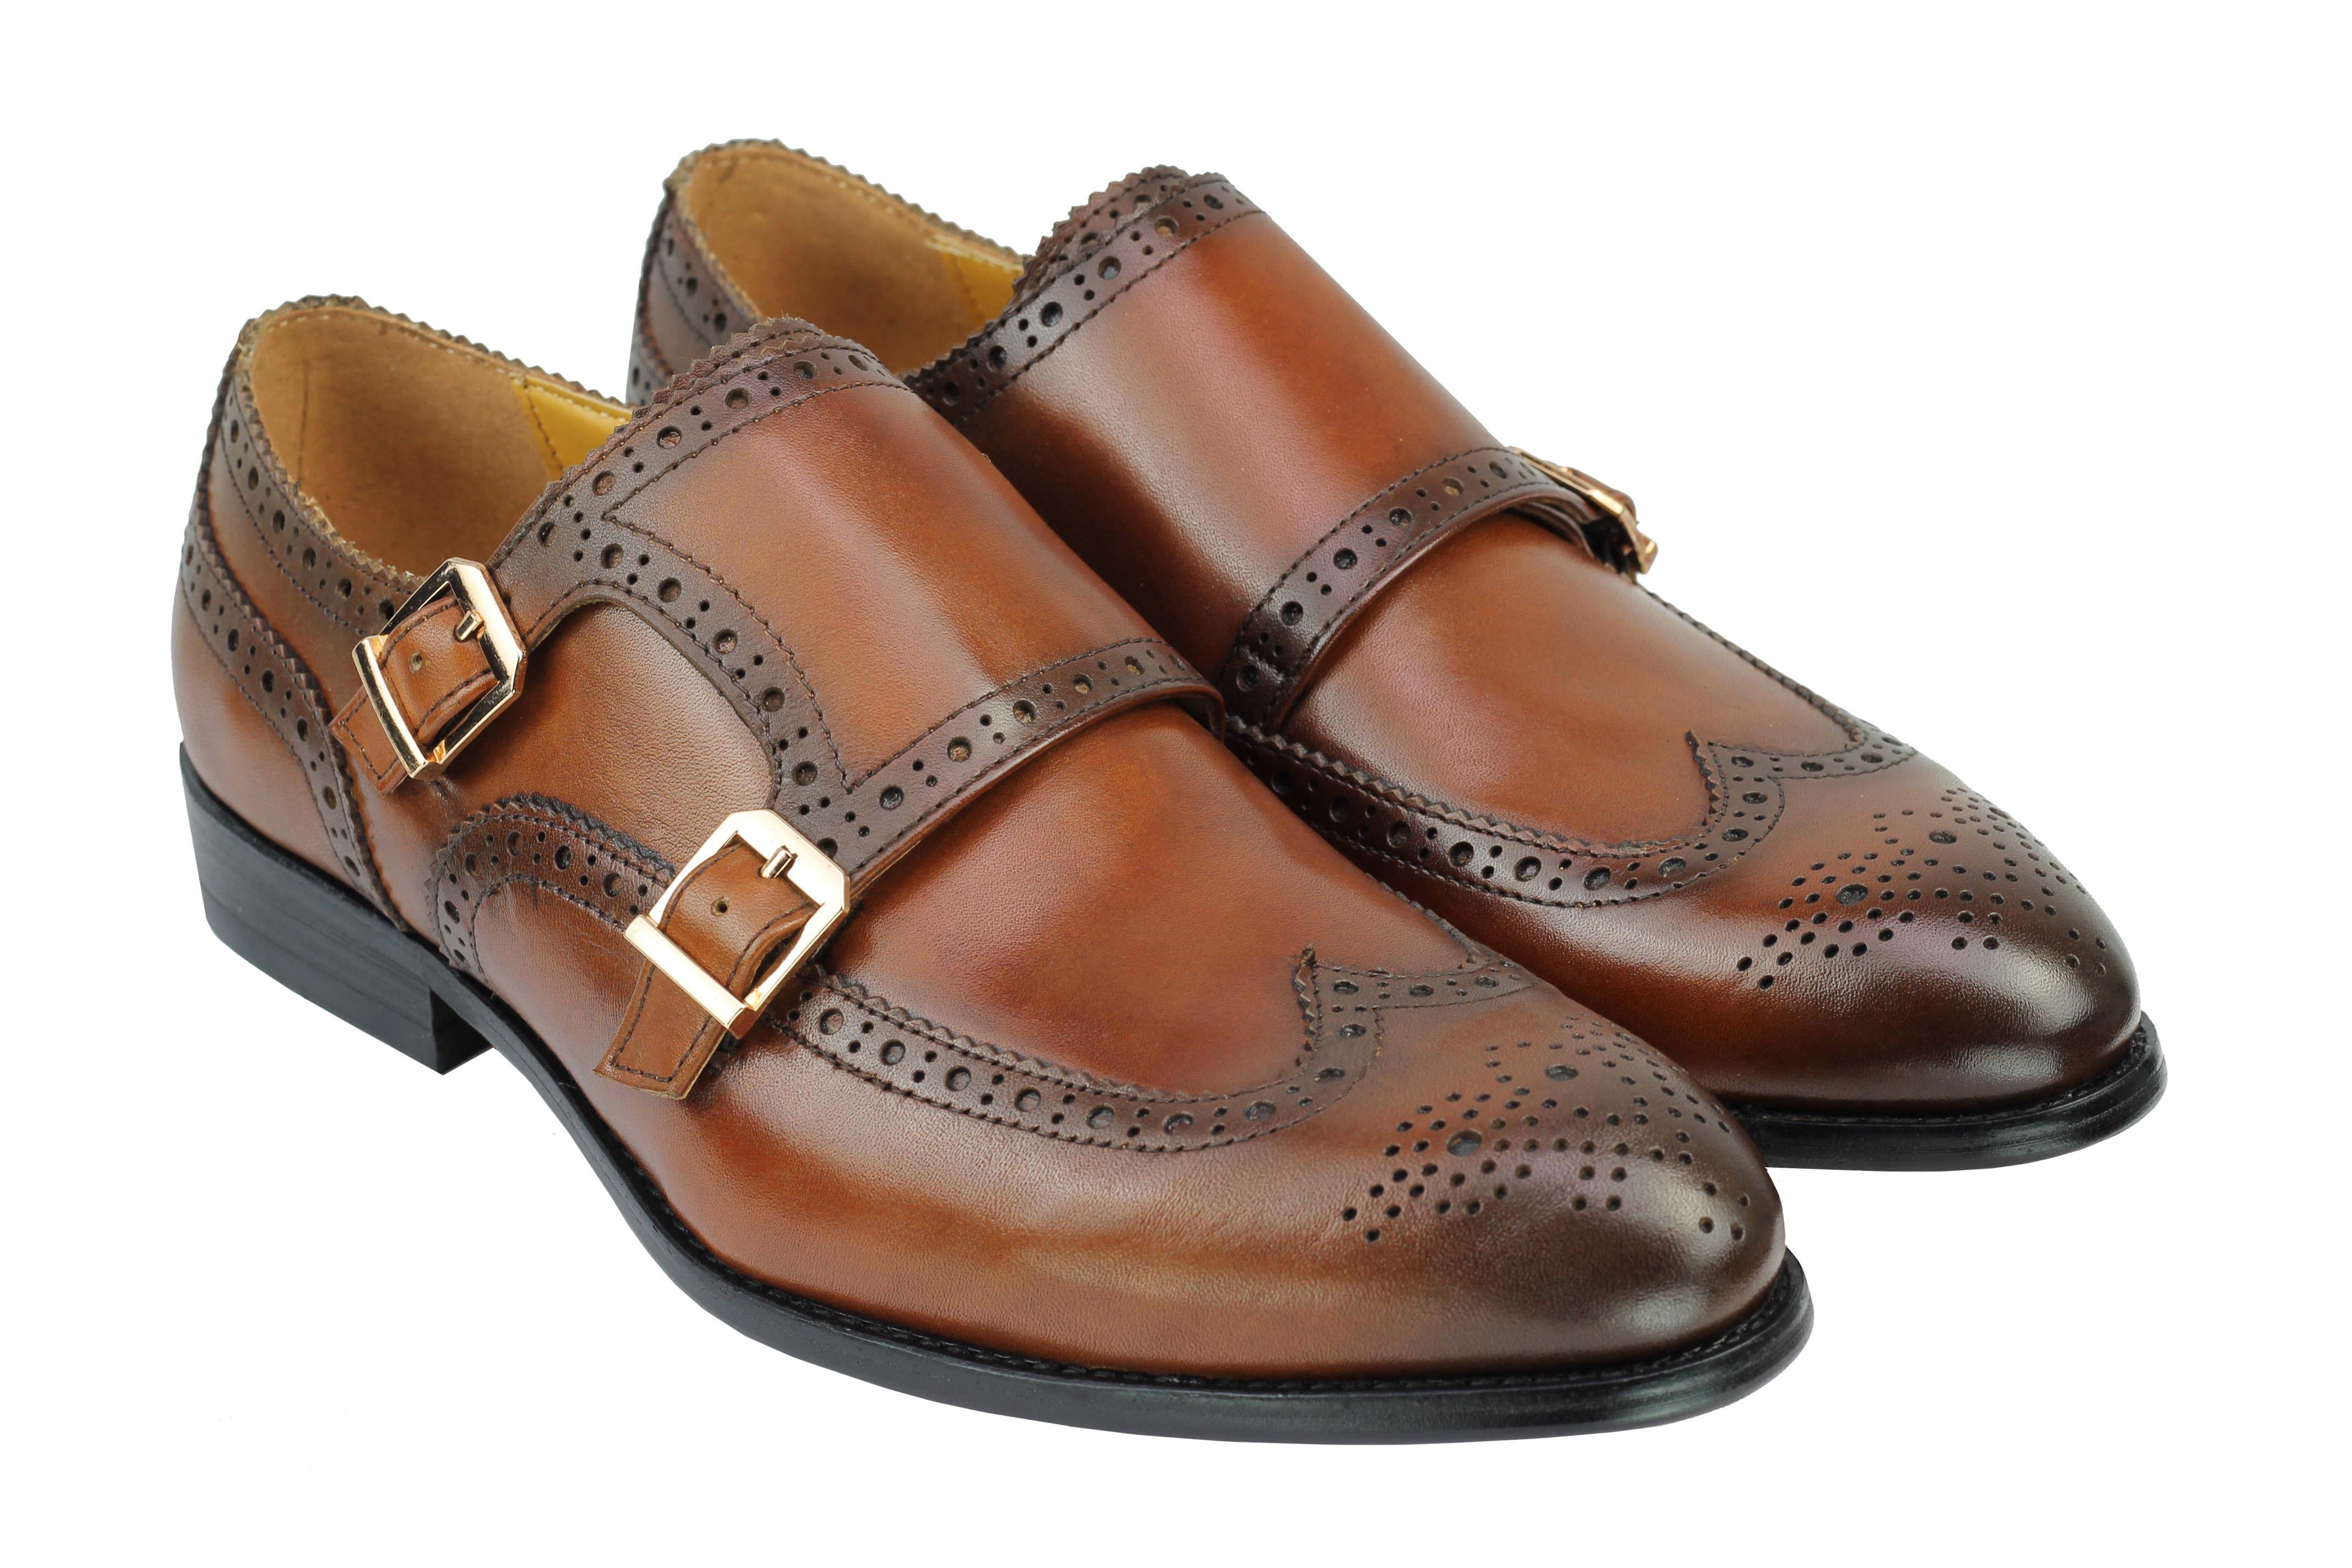 Vintage-pour-homme-Noir-Marron-En-Cuir-Veritable-Richelieu-a-Moine-Chaussures-elegant-Formel-Lacet miniature 10